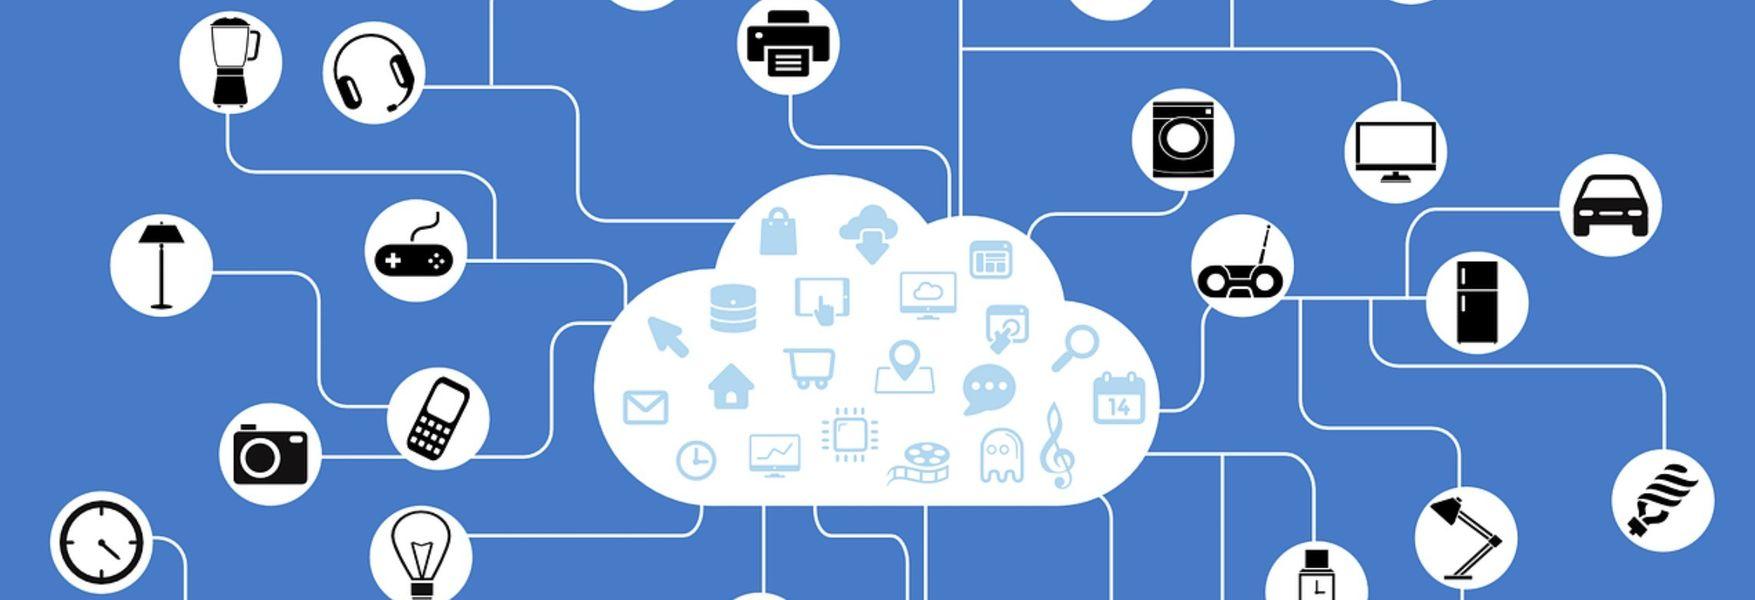 7 Trends of IoT in 2017 - OpenMind